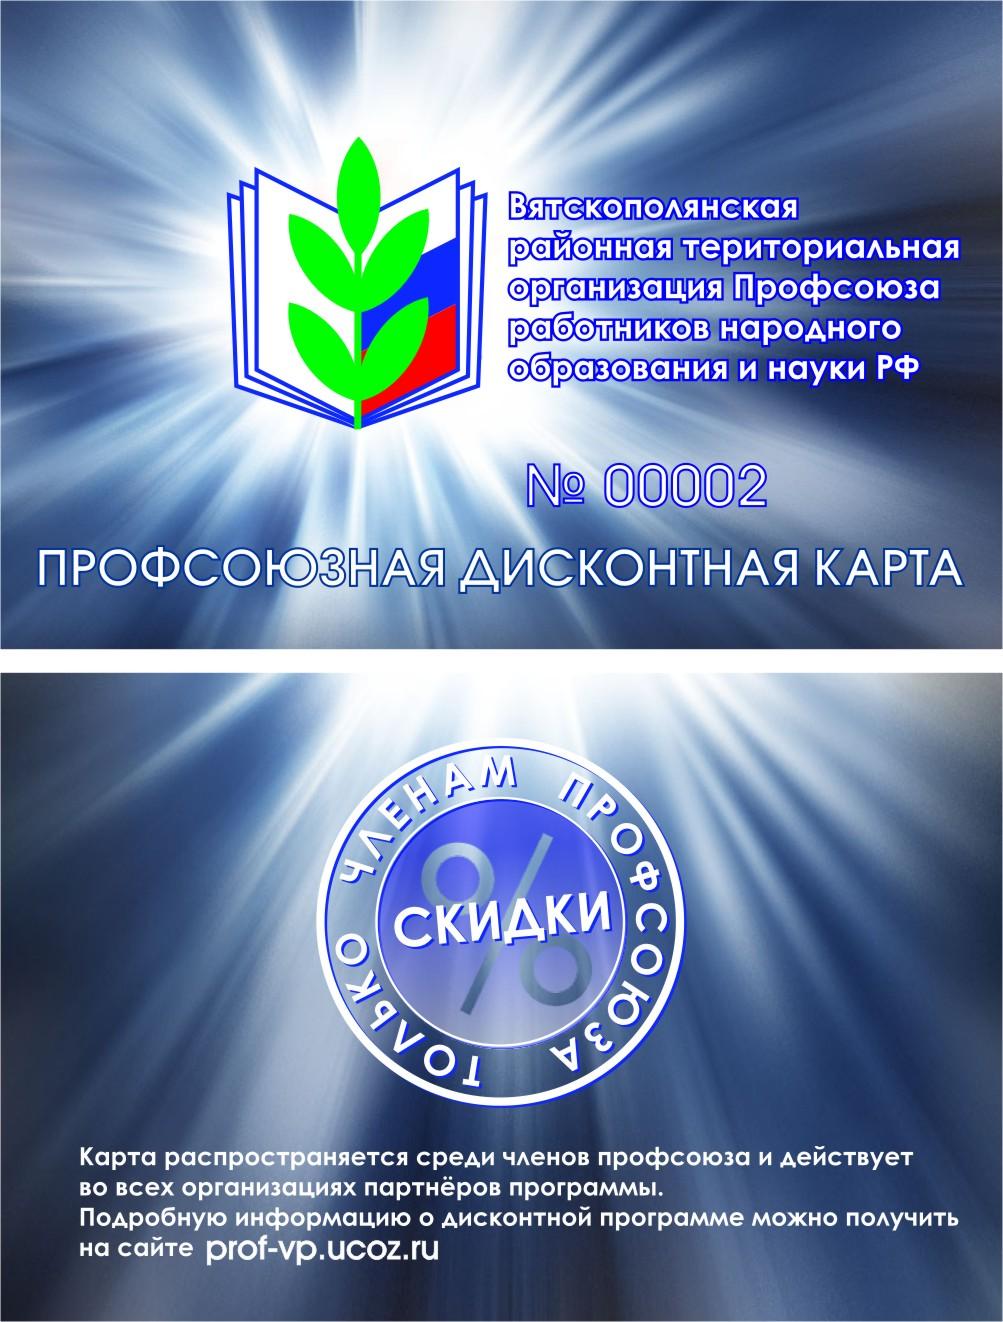 putevki-dlya-chlenov-profsoyuza